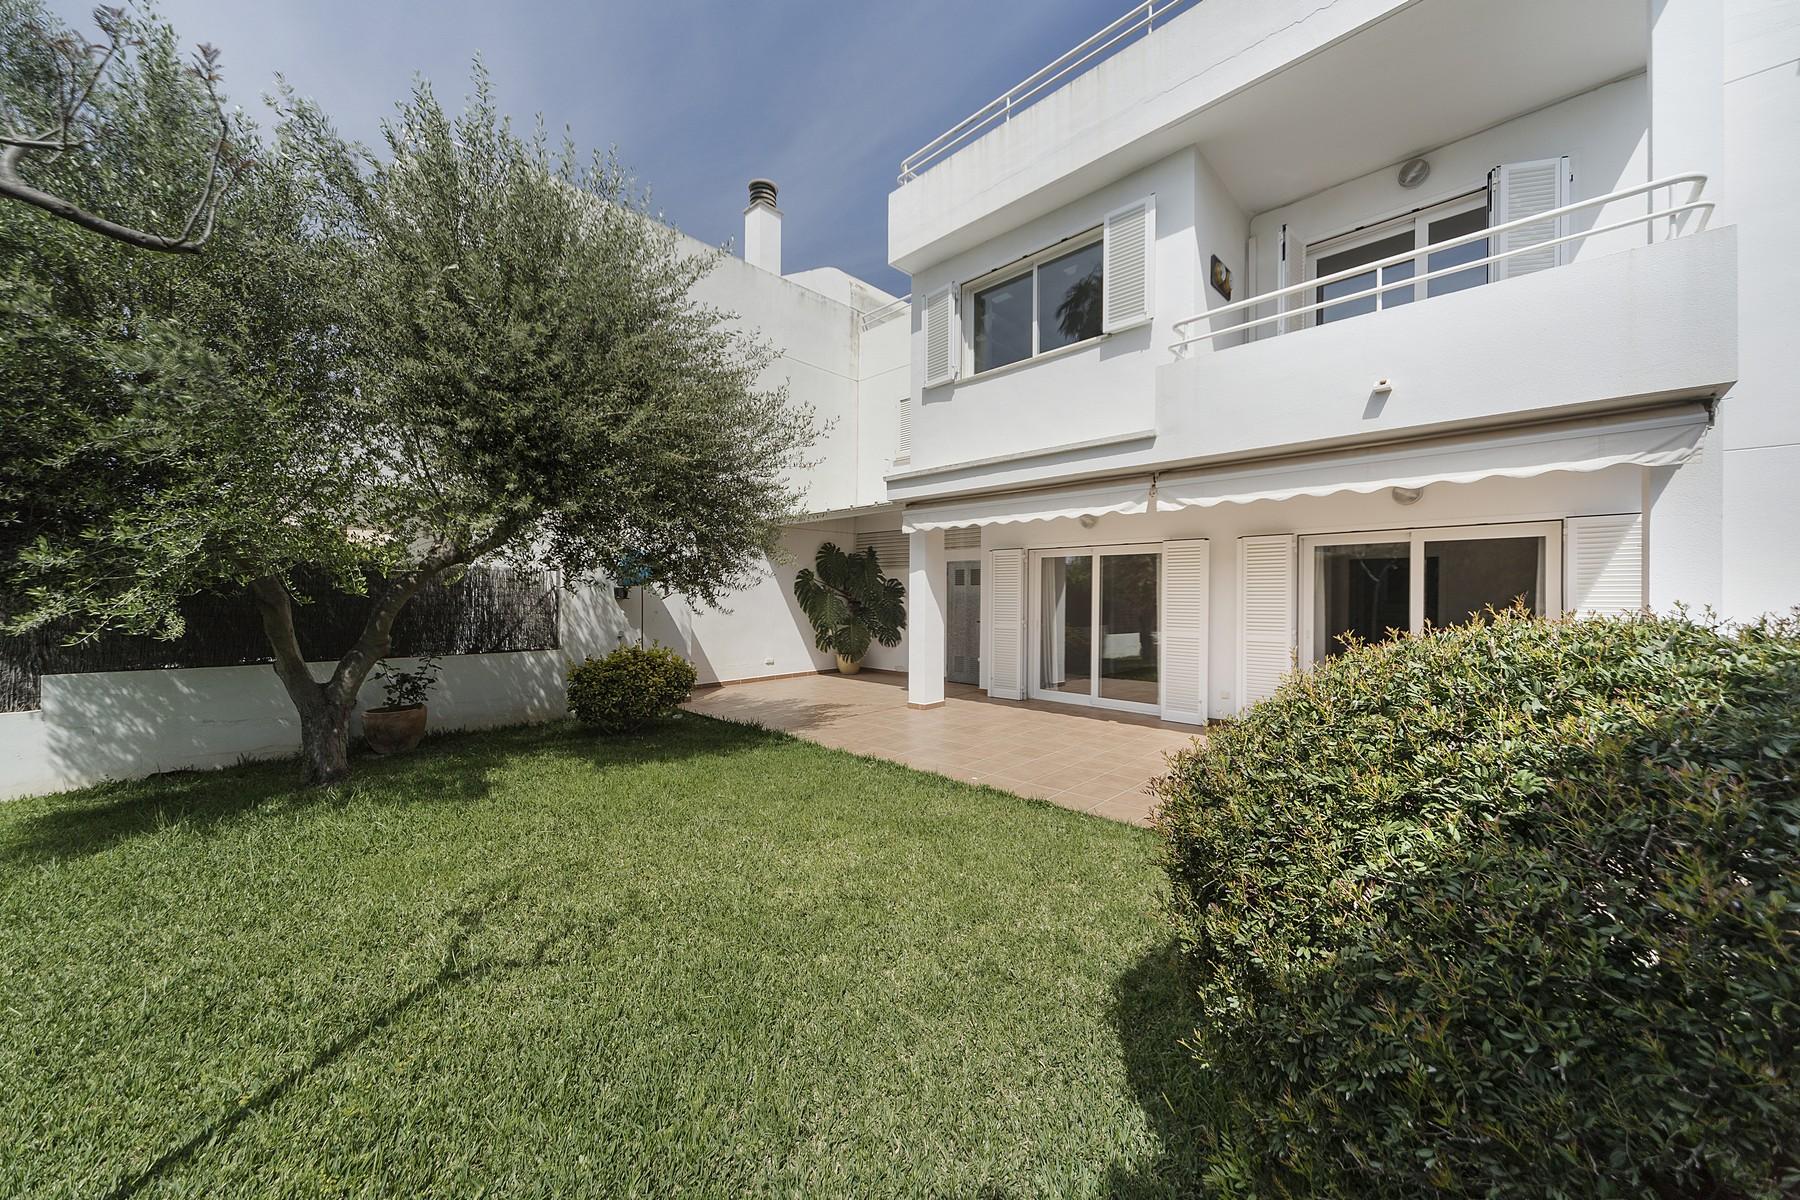 Single Family Home for Sale at Bright semi-detached house in La Bonanova Palma, Mallorca, Spain